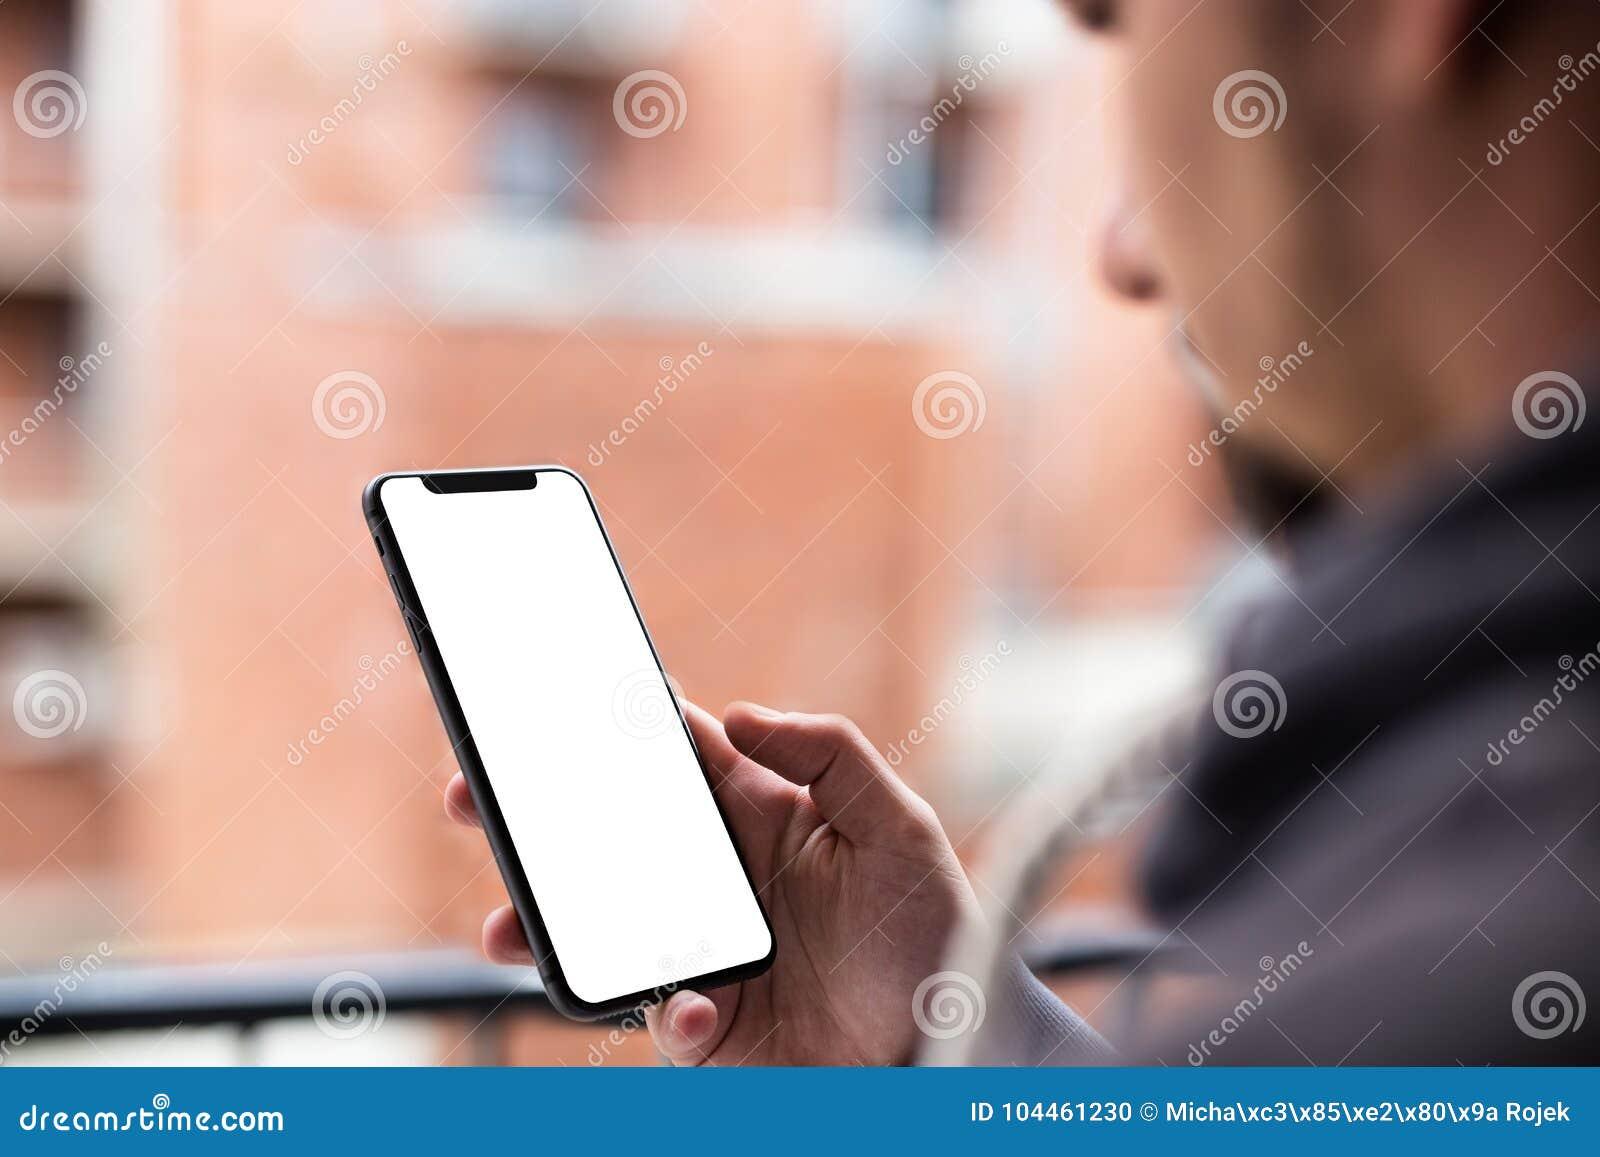 Άτομο που χρησιμοποιεί σύγχρονο κινητό bezel smartphone λιγότερο σχέδιο Πυροβοληθείς με την άποψη τρίτος-προσώπων, κενή οθόνη